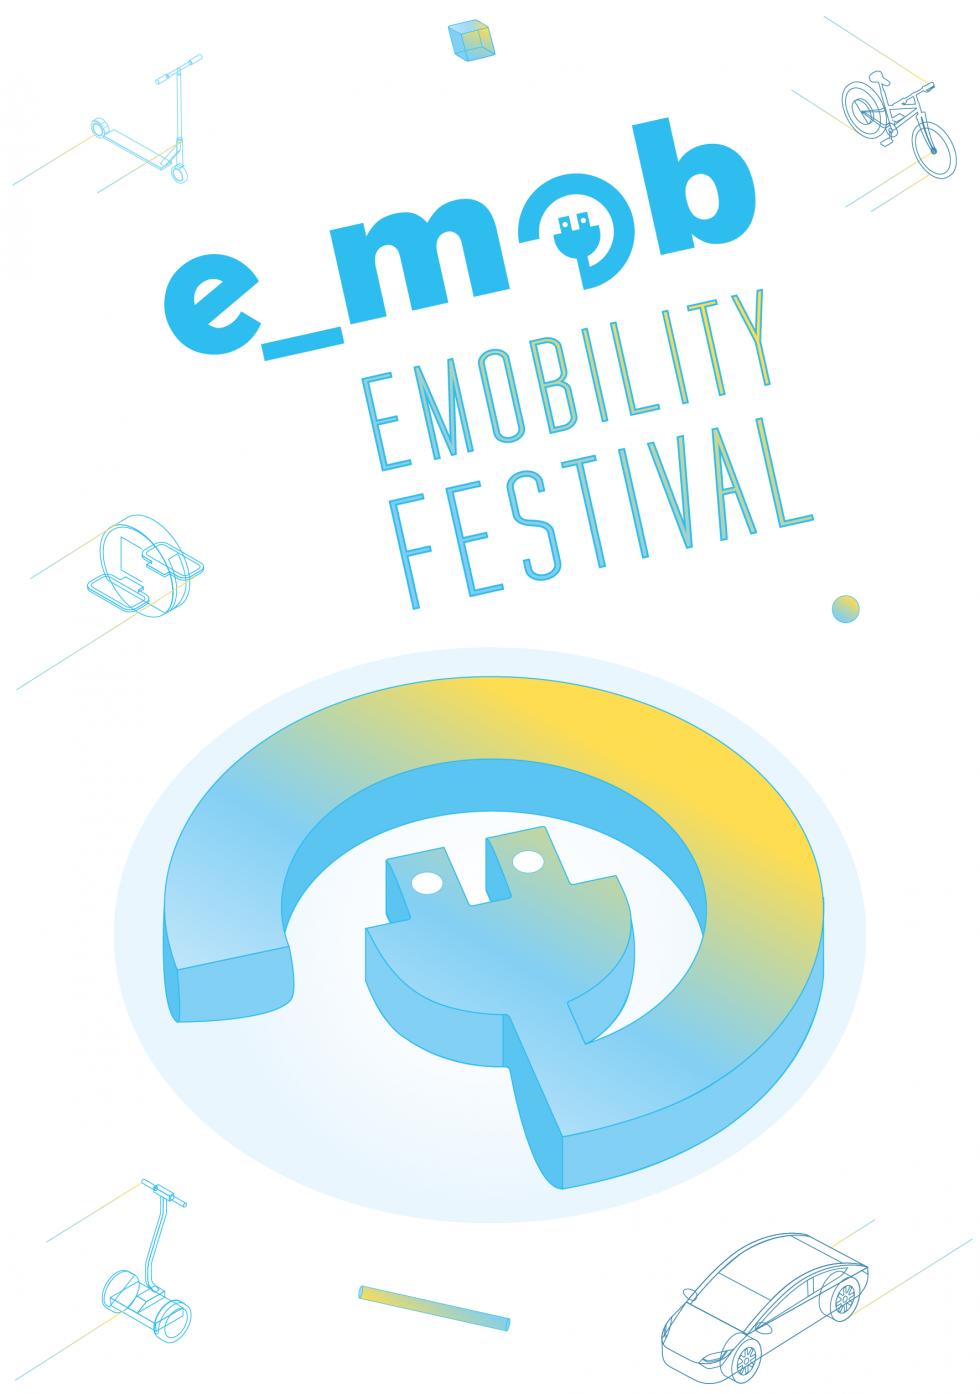 E_mob 2020. Il Festival dell'eMobility quest'anno in streaming